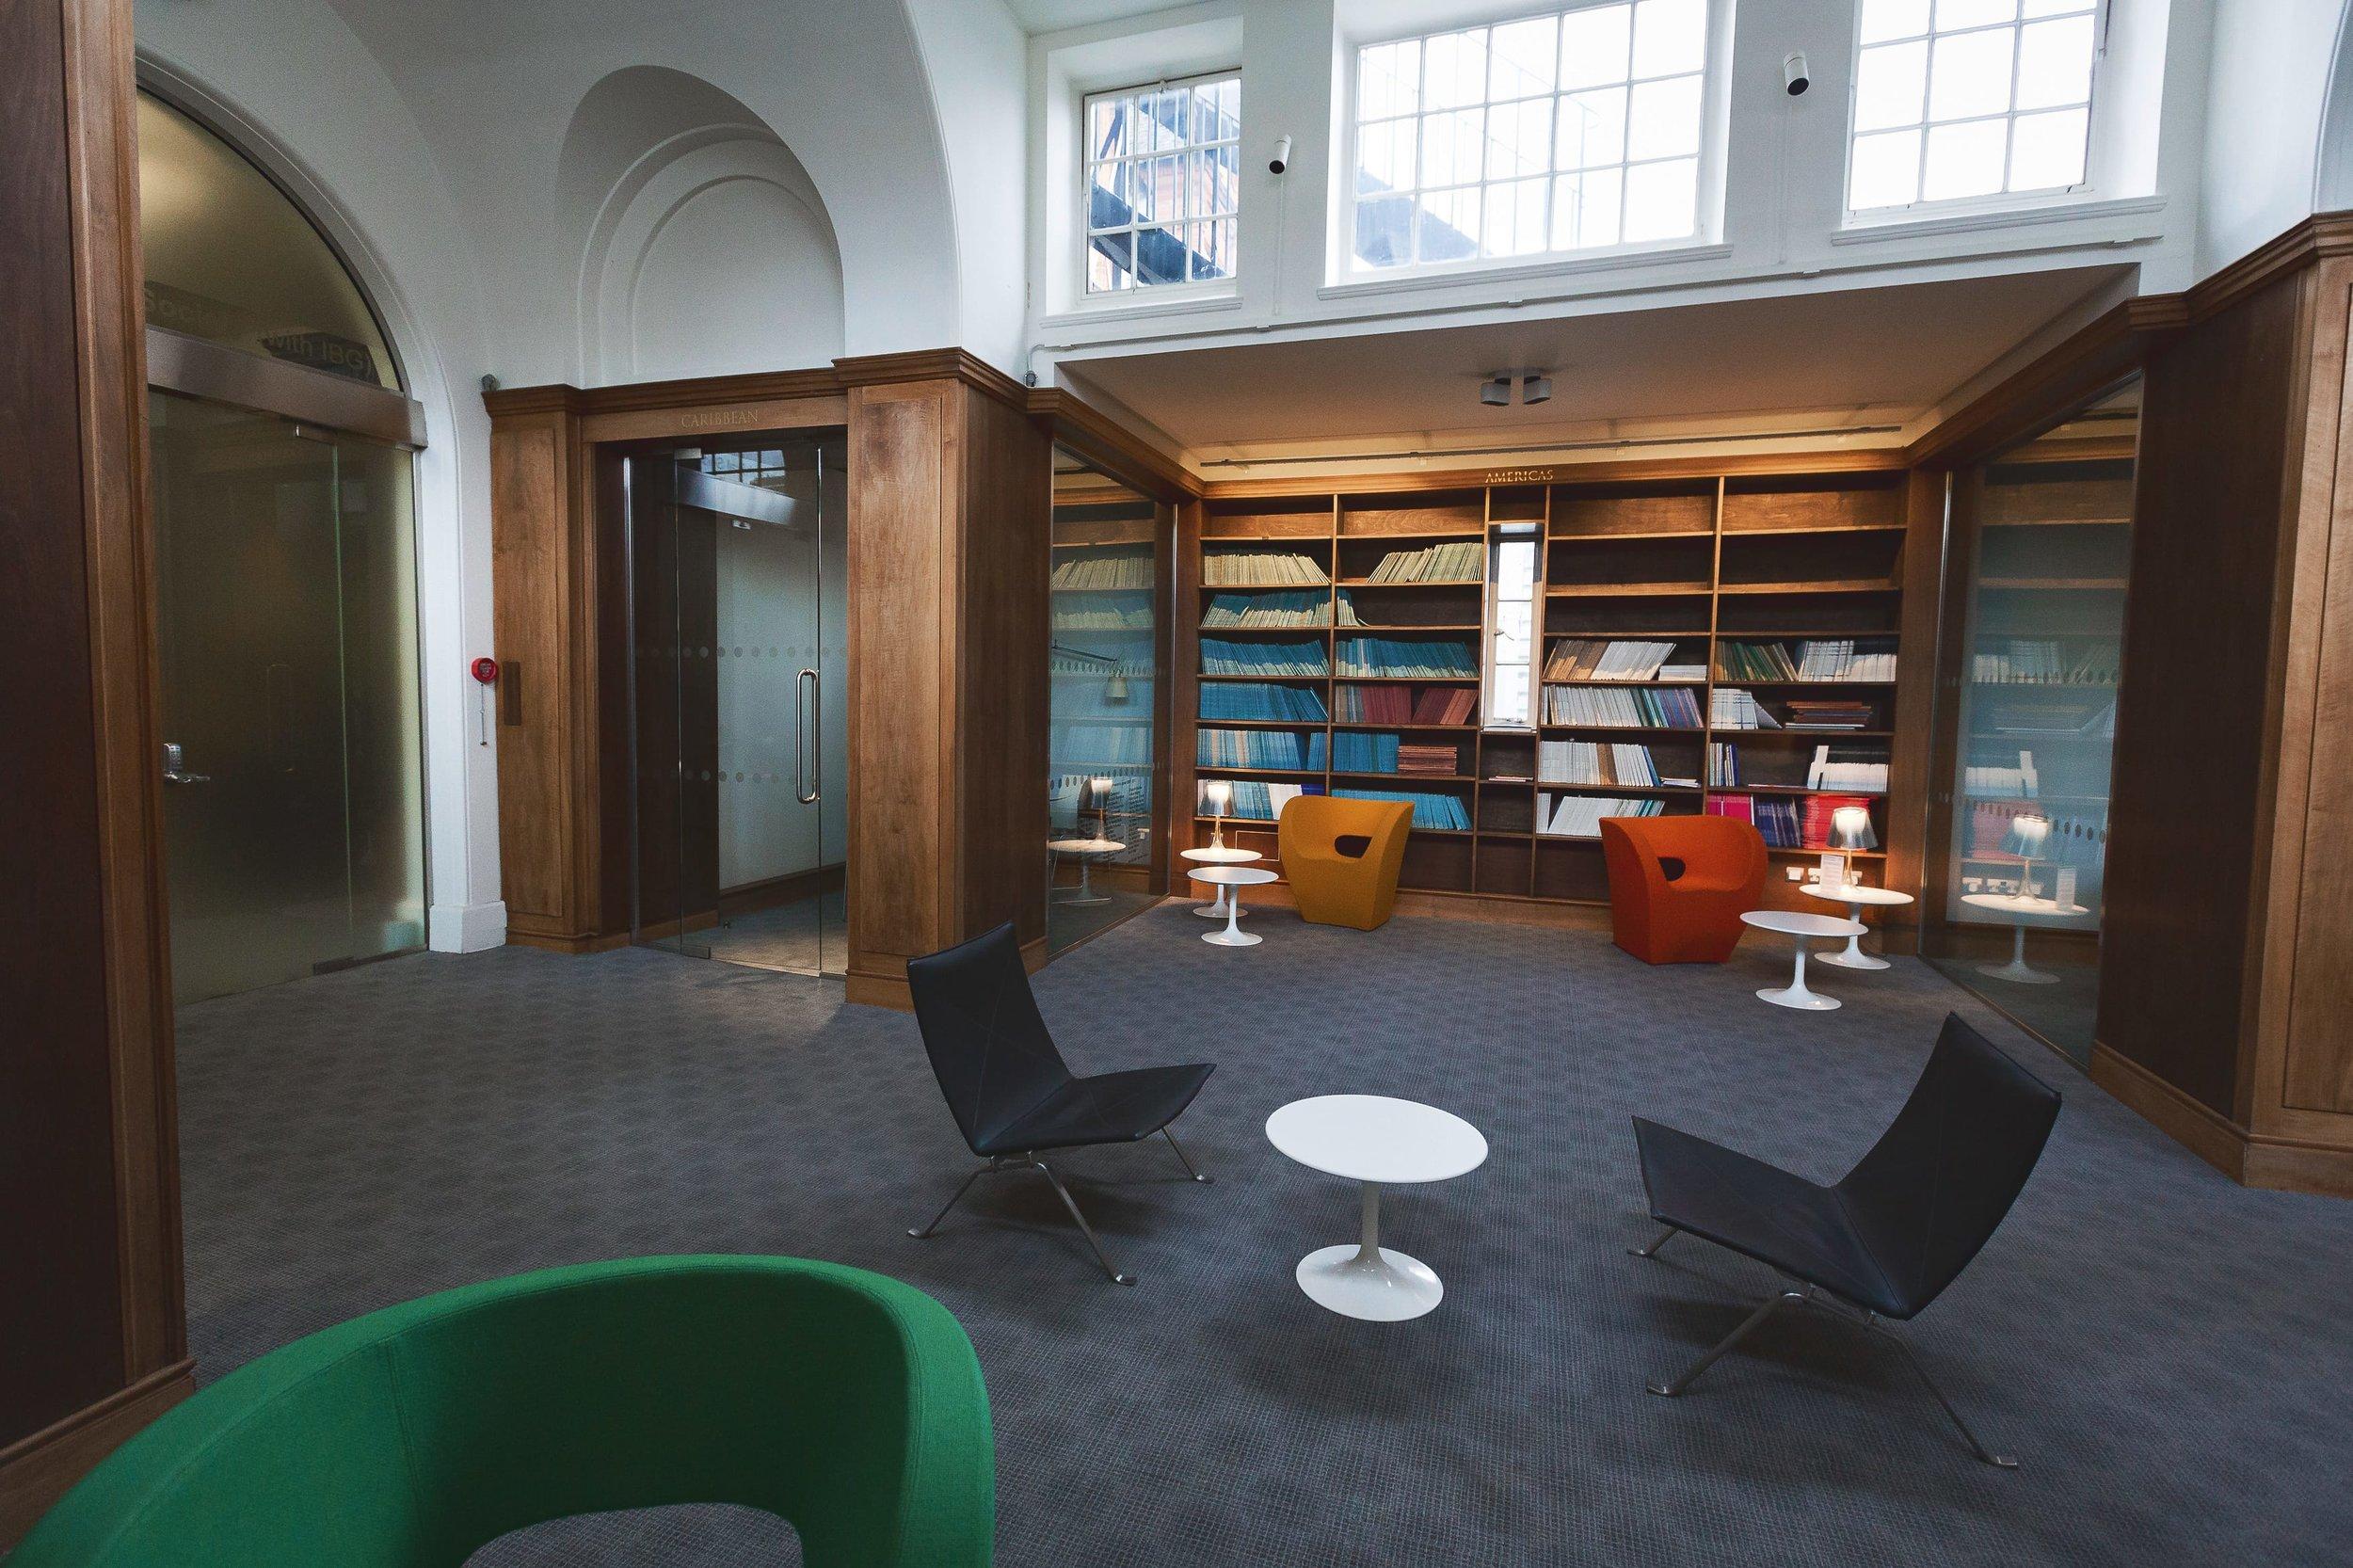 FabioBurrelliPhotography_Architecture_Interior_Web_3.jpg